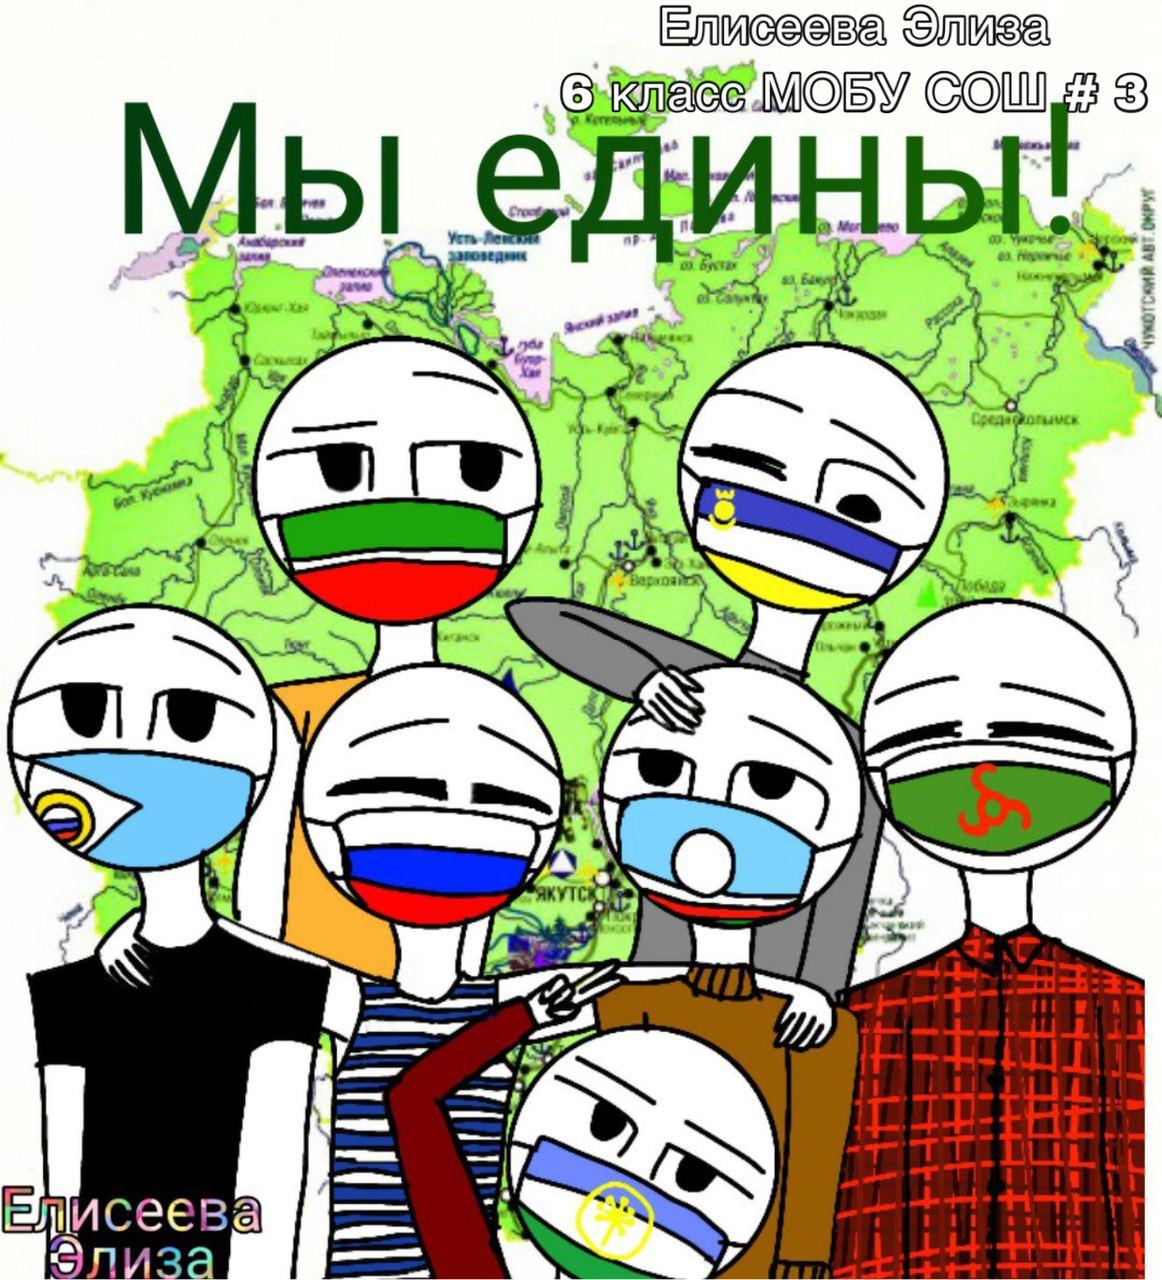 В Якутске подведены итоги городского конкурса графических рисунков «Мечтай и твори, покоряя IT», посвящённый Дню народного единства